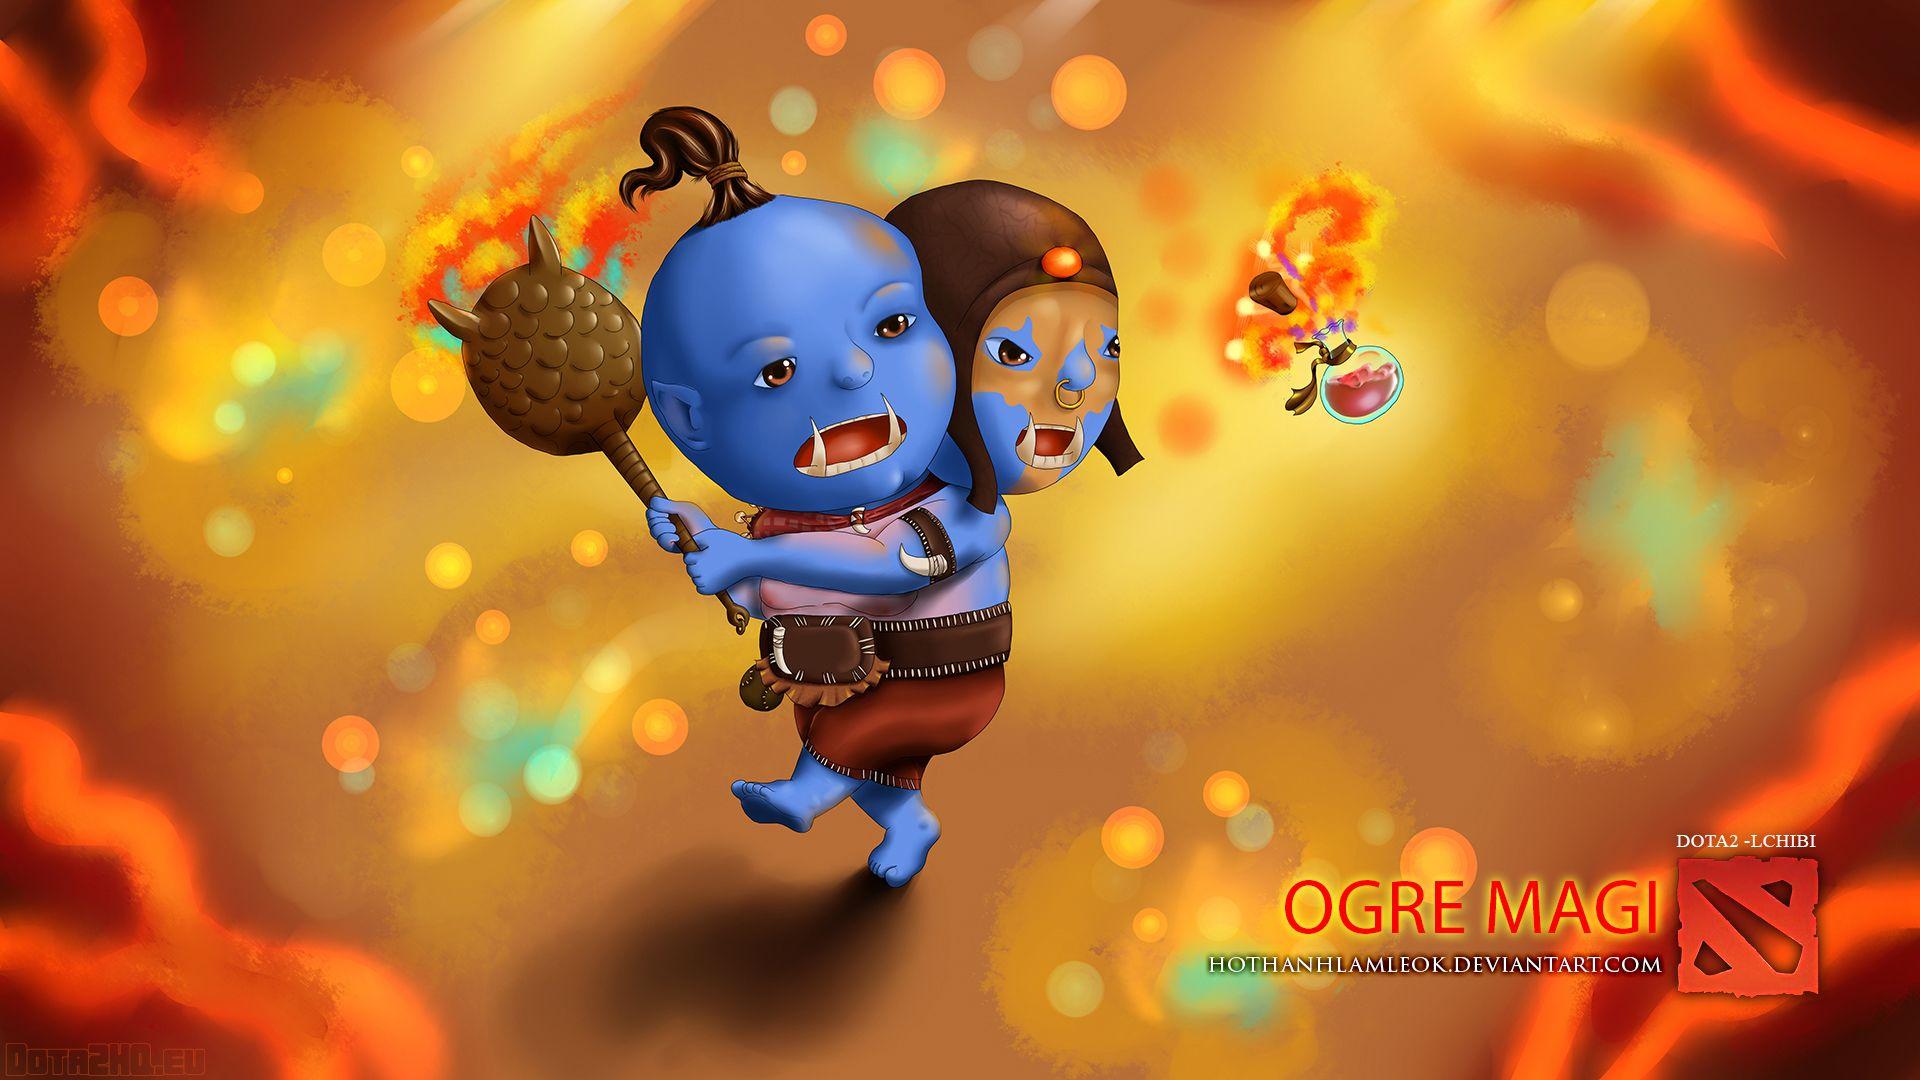 Download Wallpaper X Chibi Heroes Art Full Hd